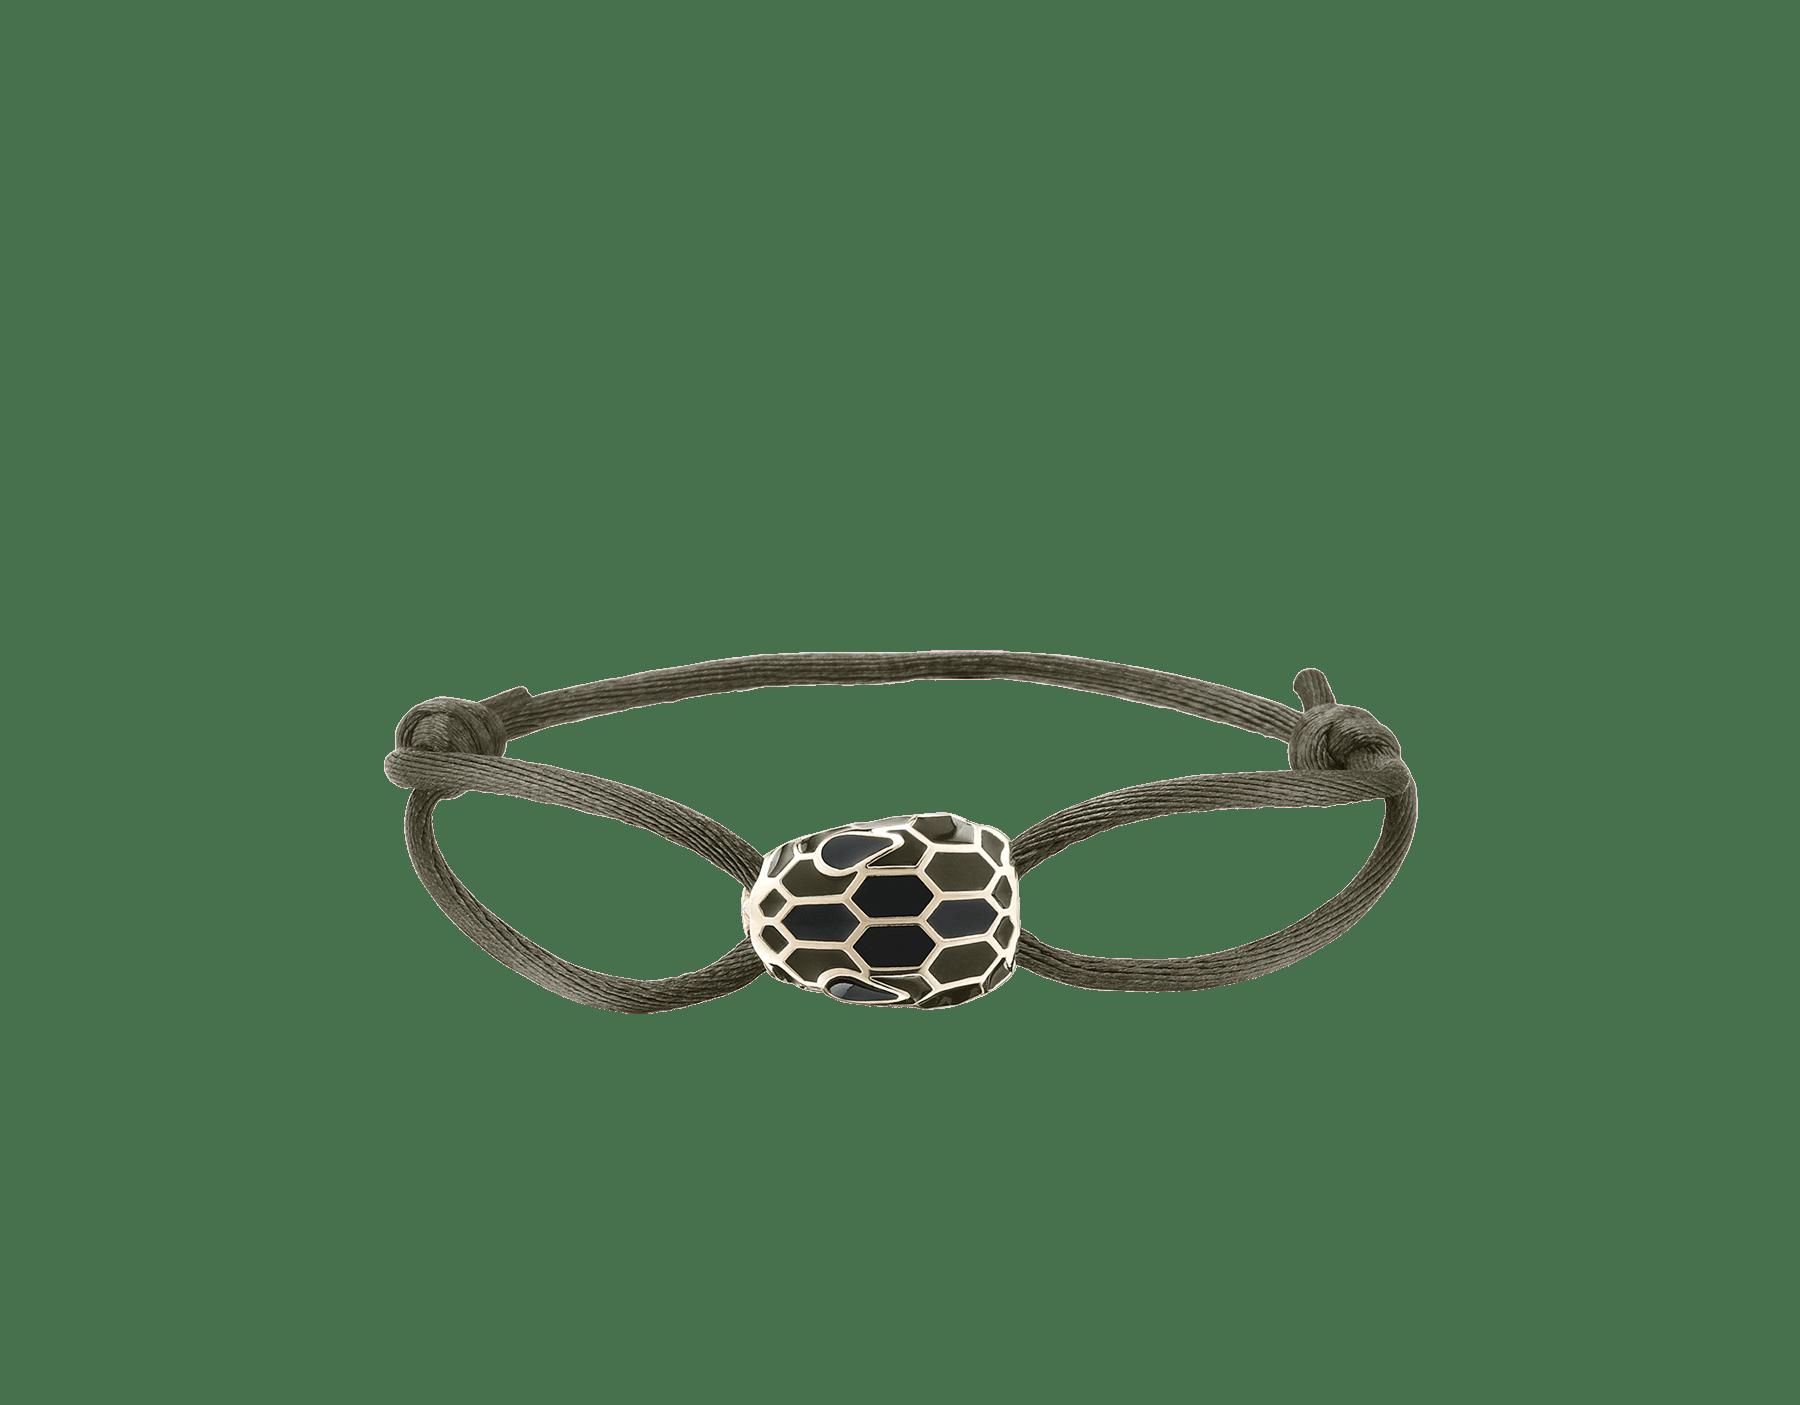 """Bracciale """"Serpenti Forever"""" in seta color giada mimetic. Iconico motivo """"Serpenti"""" in smalto nero con seducenti occhi in smalto nero. 290099 image 1"""